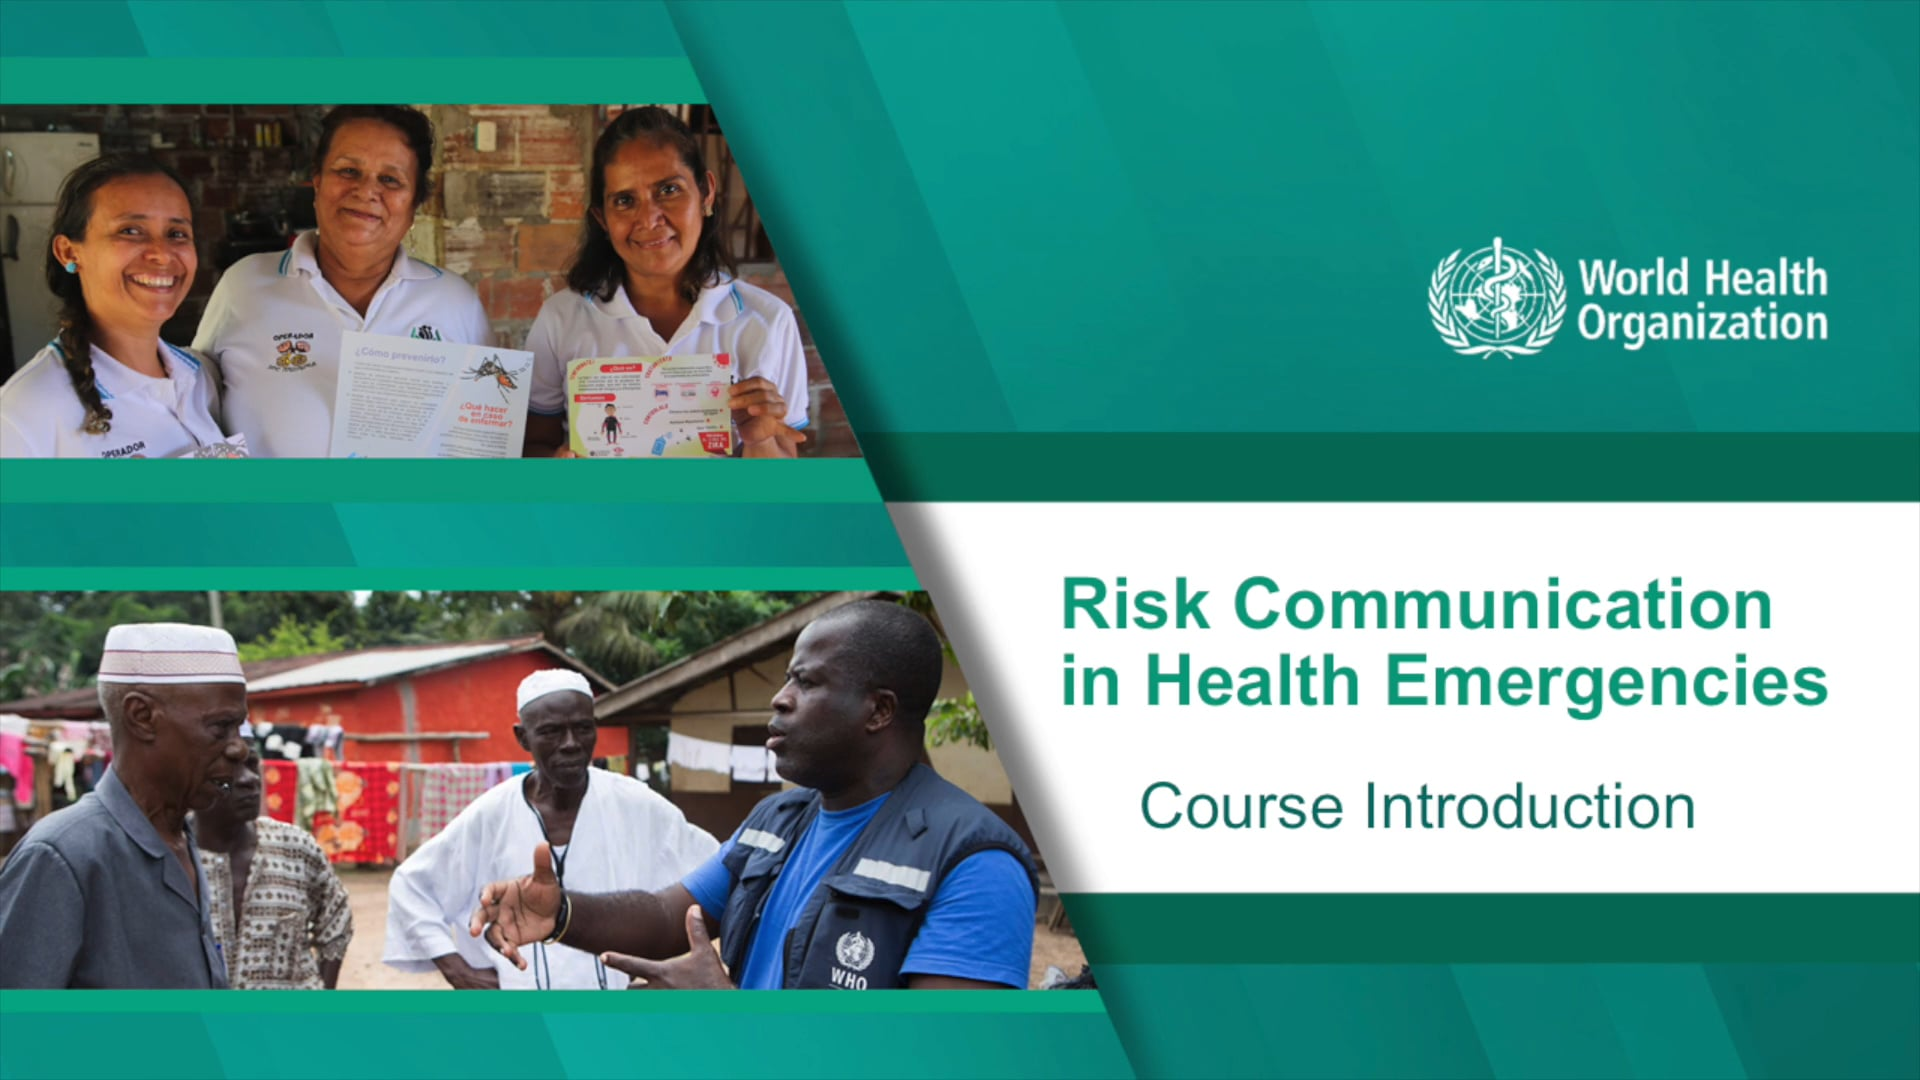 紧急卫生事件风险沟通:概述